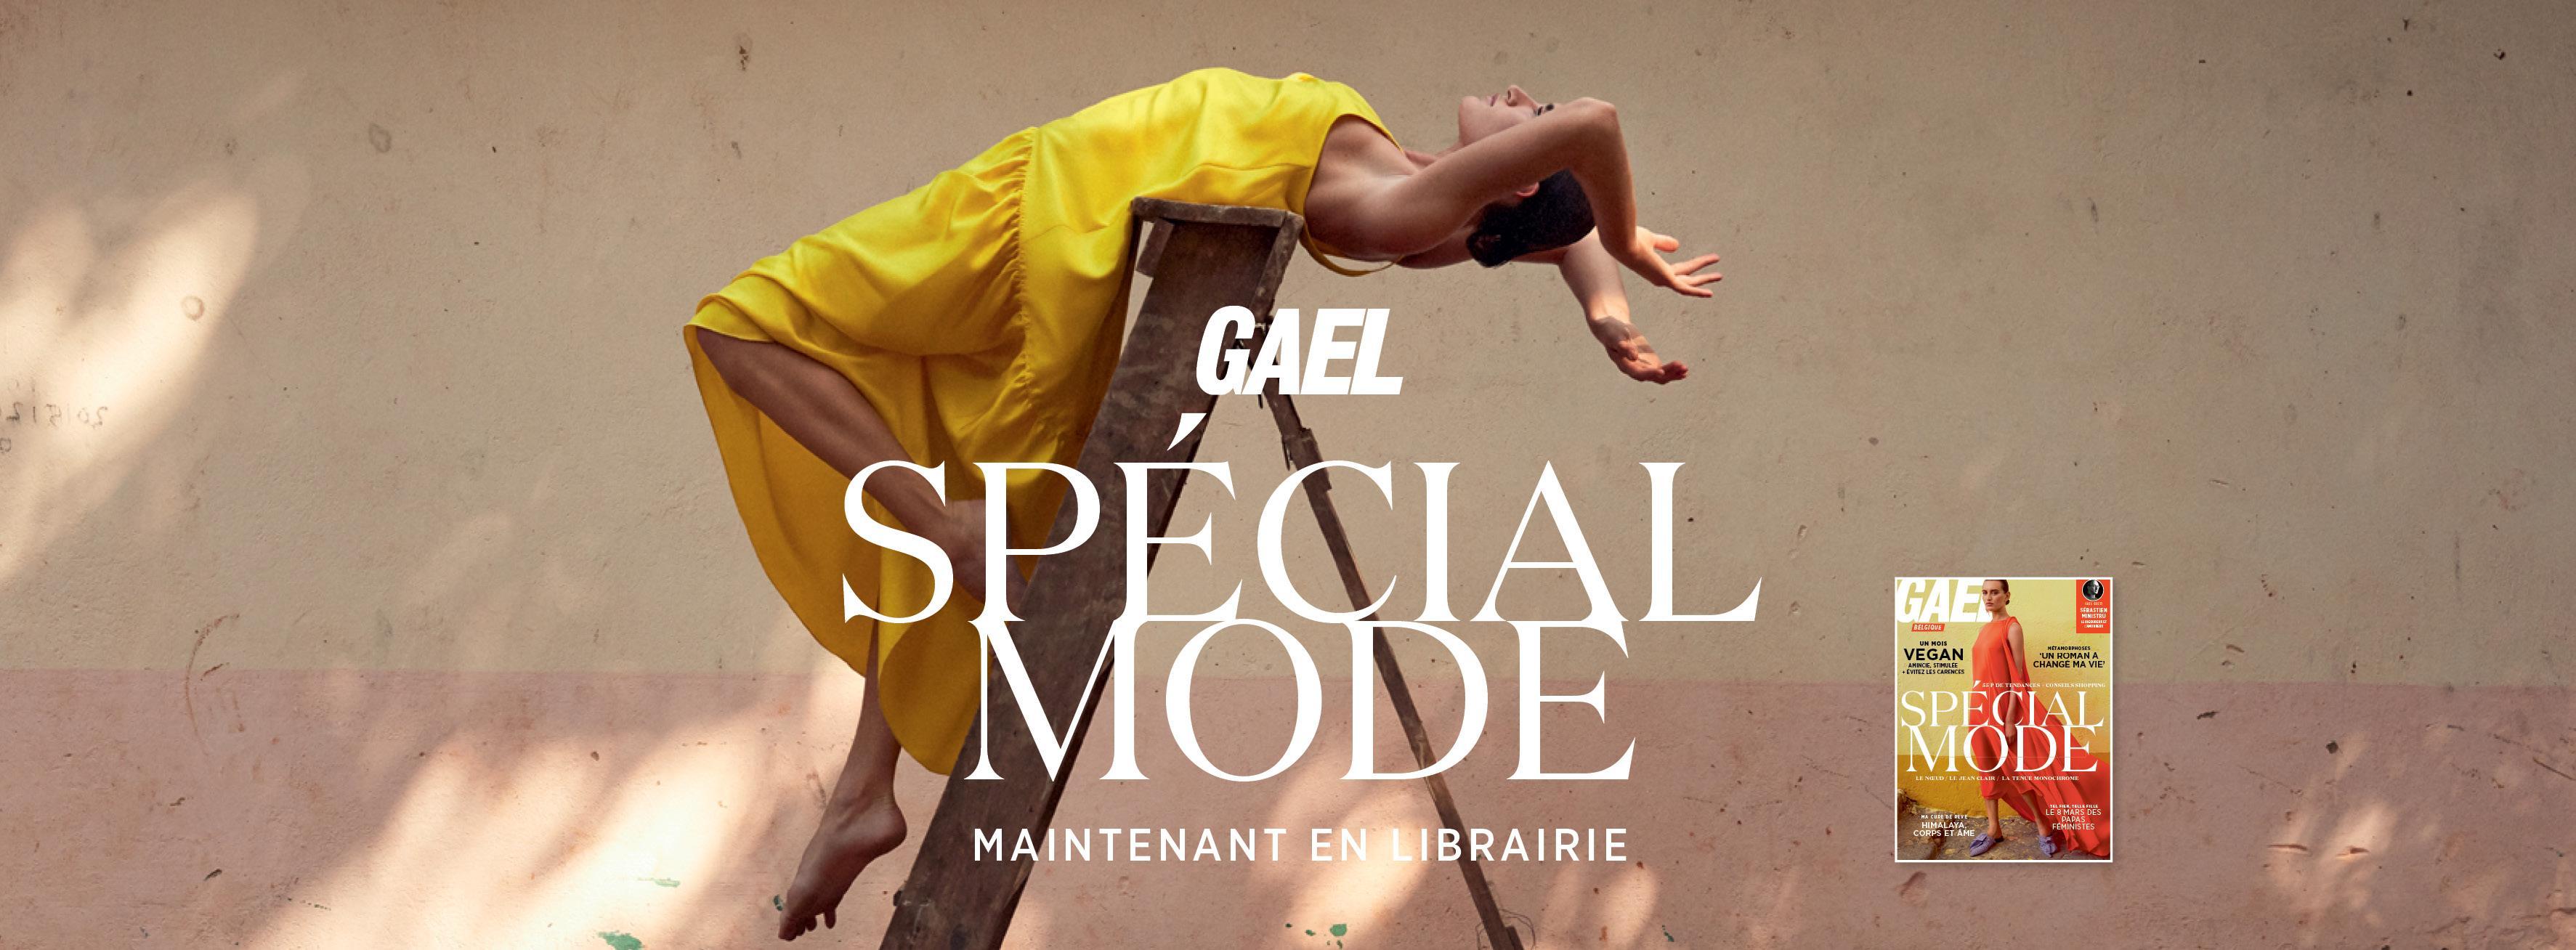 Le GAEL Spécial mode de mars est disponible!